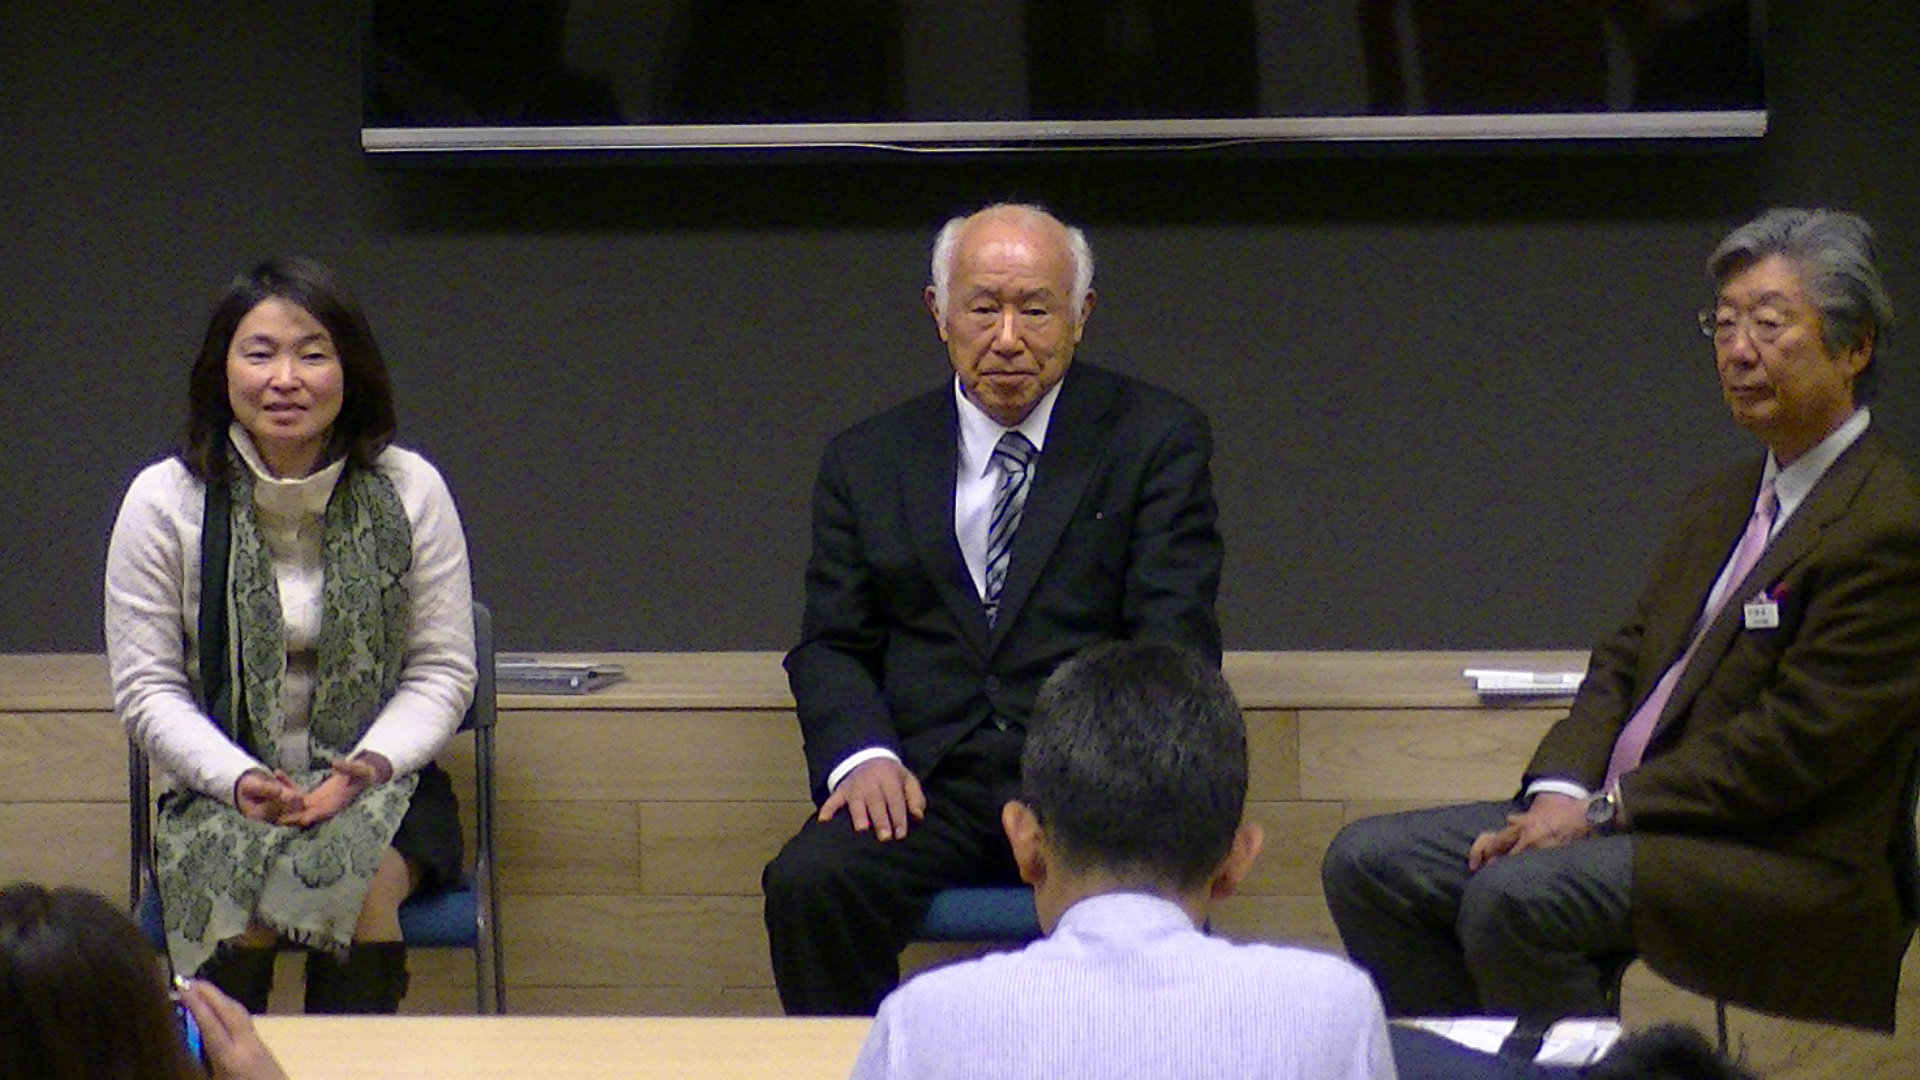 PIC 0548 - 平成30年度 東京思風塾 4月7日(土)「時代が問題をつくり、問題が人物をつくる」